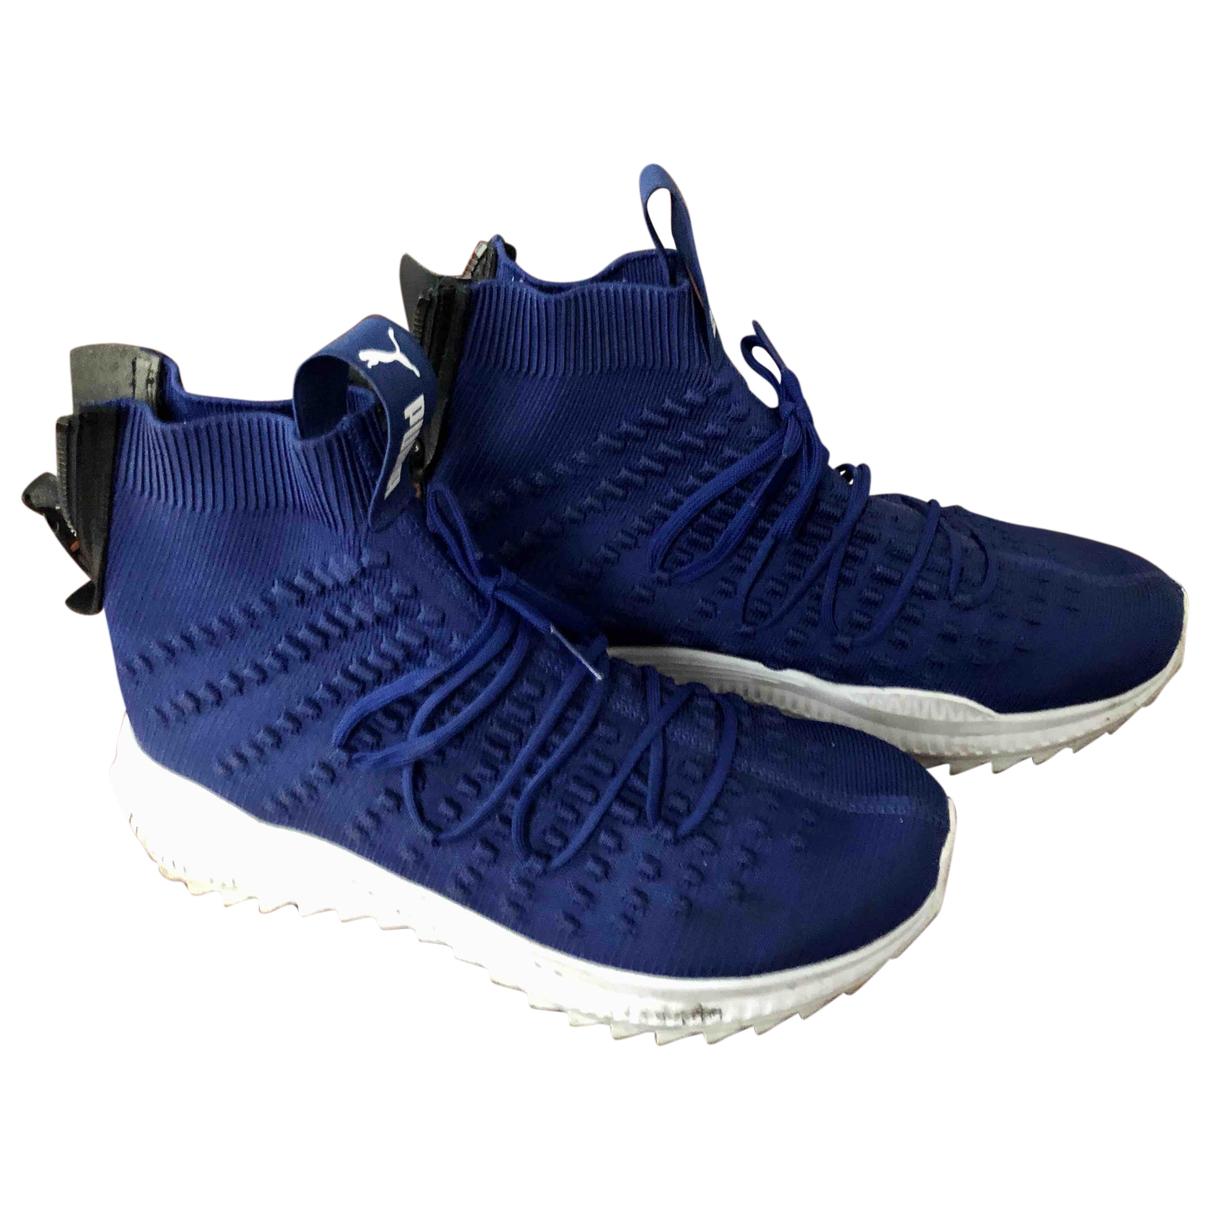 Puma - Baskets   pour homme en autre - bleu